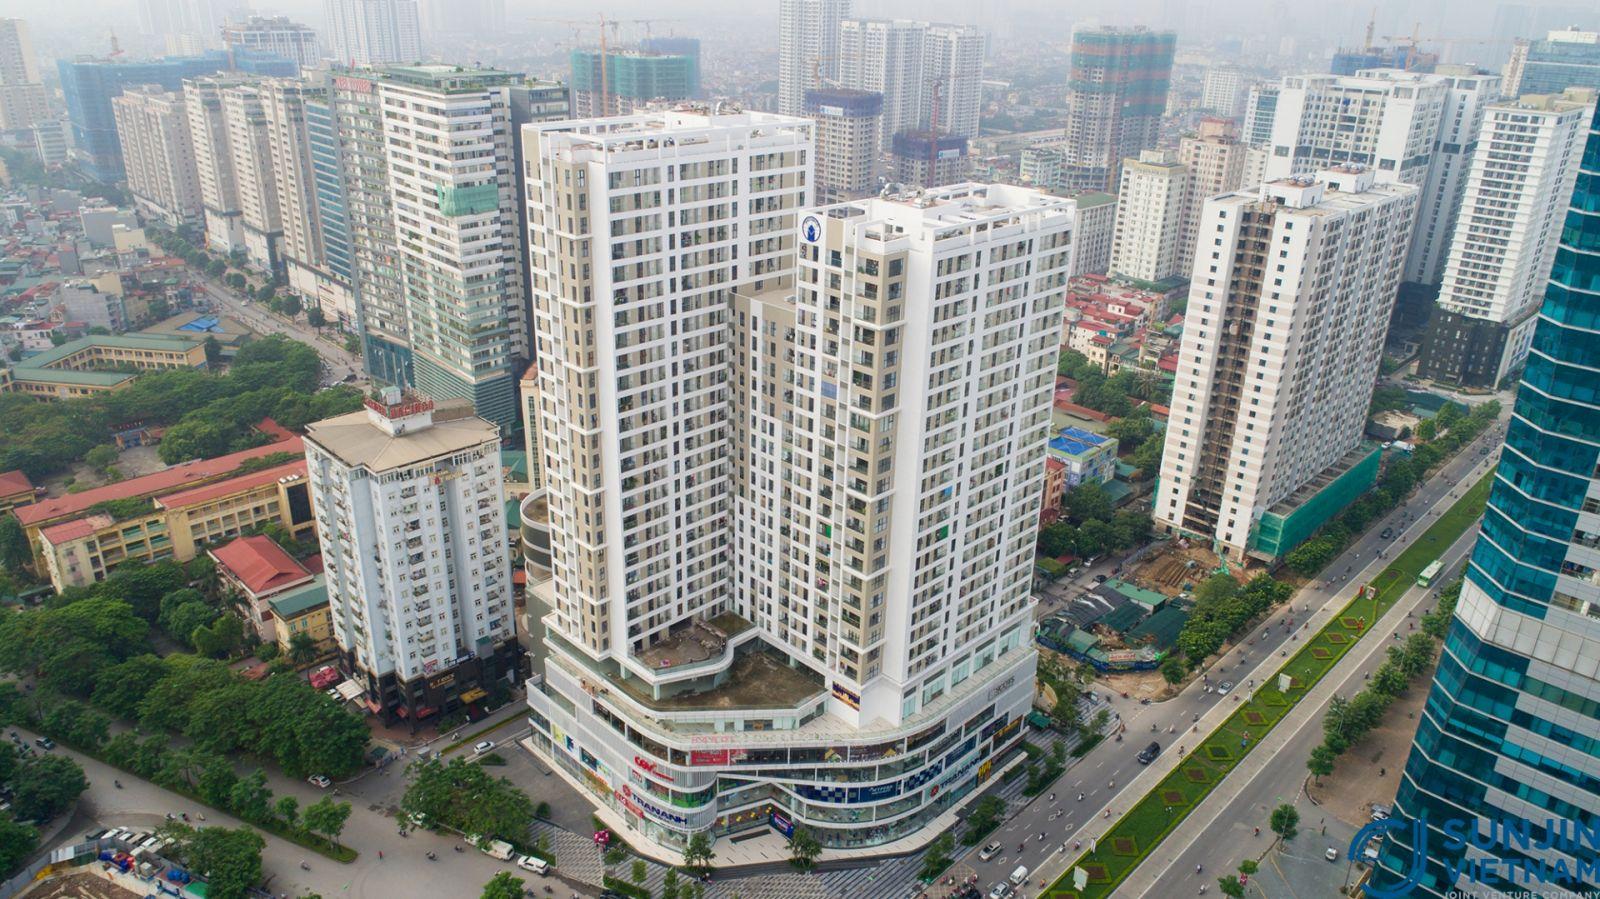 Cần đảm bảo an toàn khi thiết kế lan can, ban công tại chung cư, nhà cao tầng